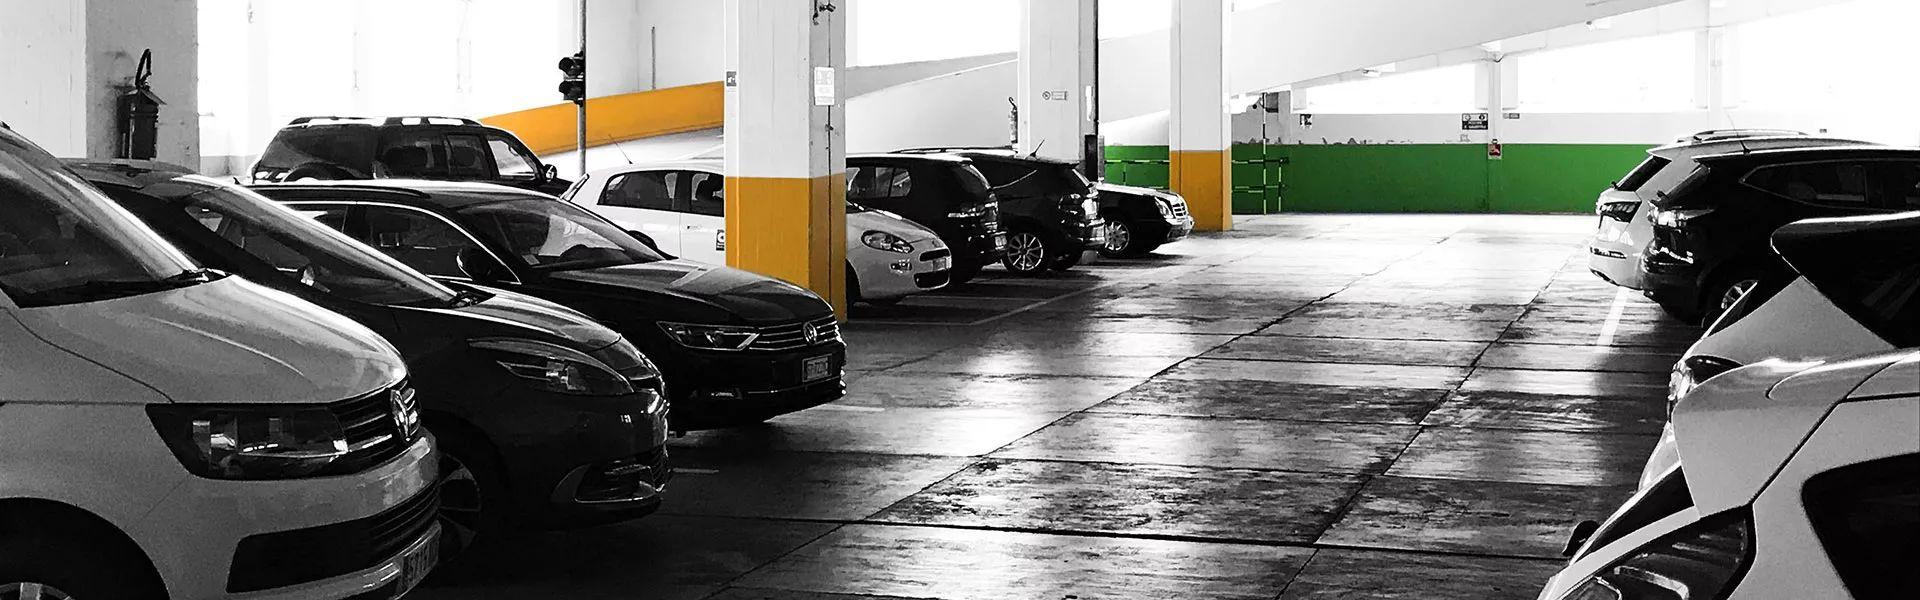 Interni parcheggio Lingottino Pistoia | Lingottino Parcheggi S.r.l.